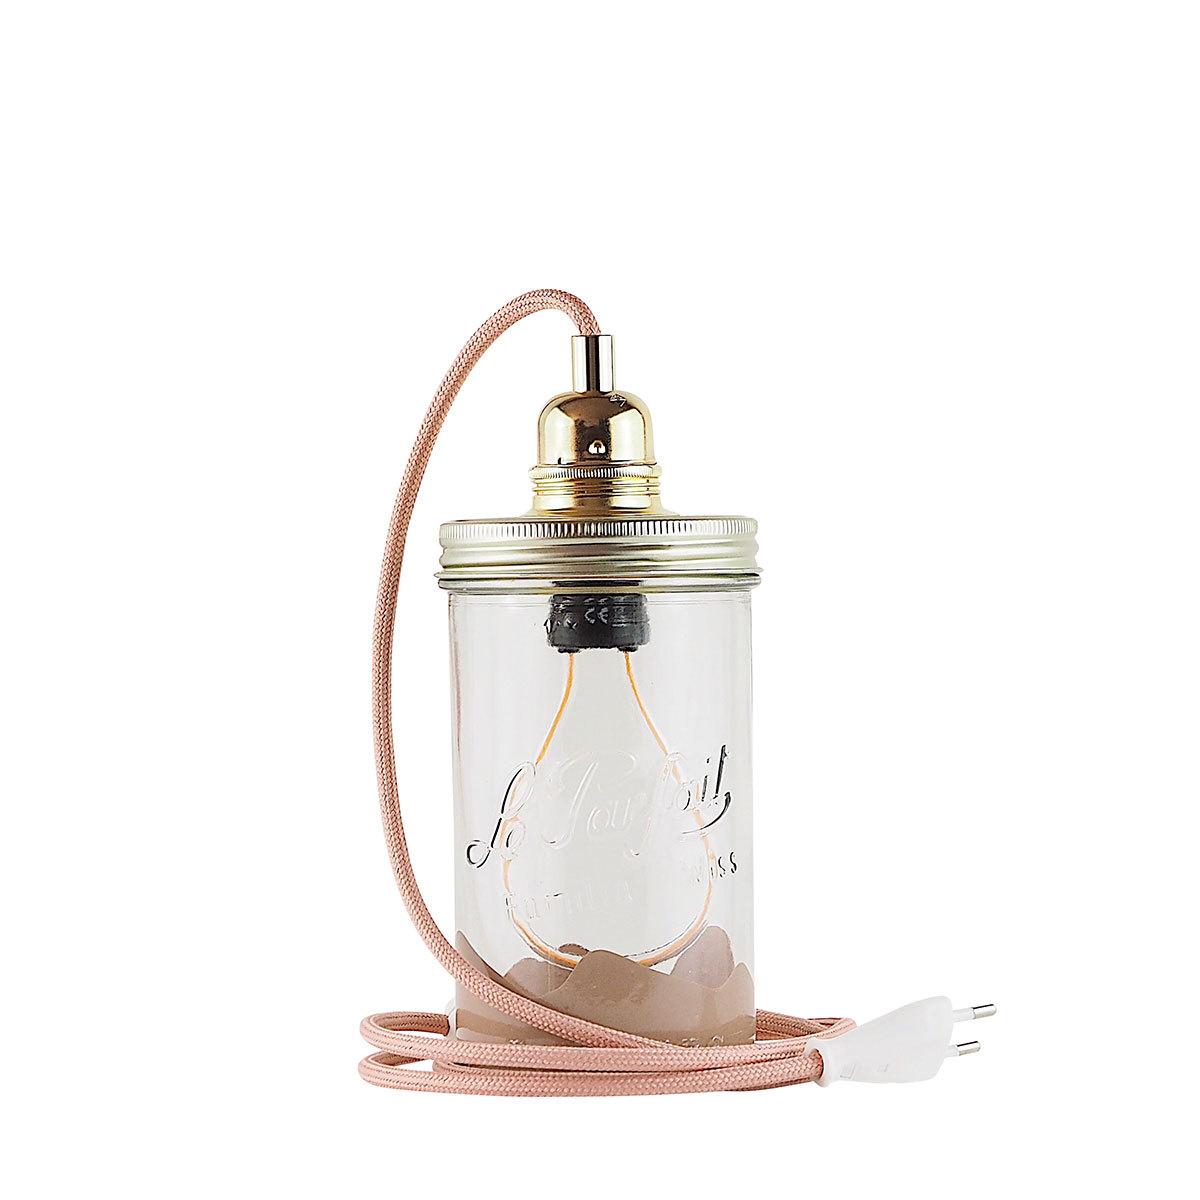 Lampe à poser Lampe Juliette - Ampoule Audacieuse Lampe Juliette - Ampoule Audacieuse